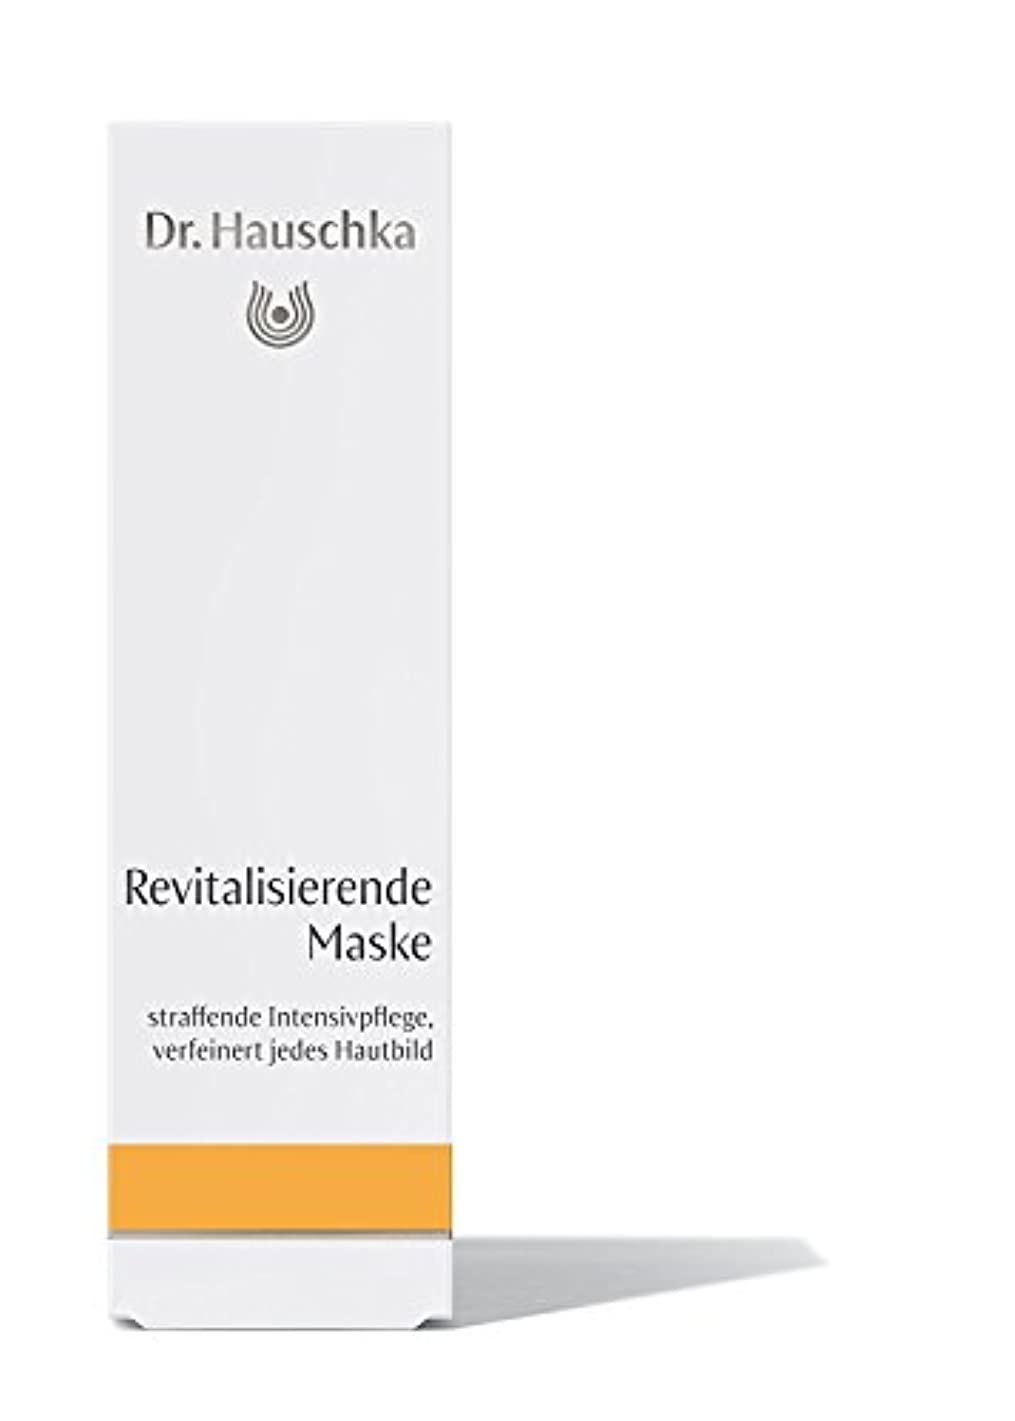 同志洞窟輸送ドクターハウシュカ Dr.Hauschka マスクR (パック) 30mL 【並行輸入品】